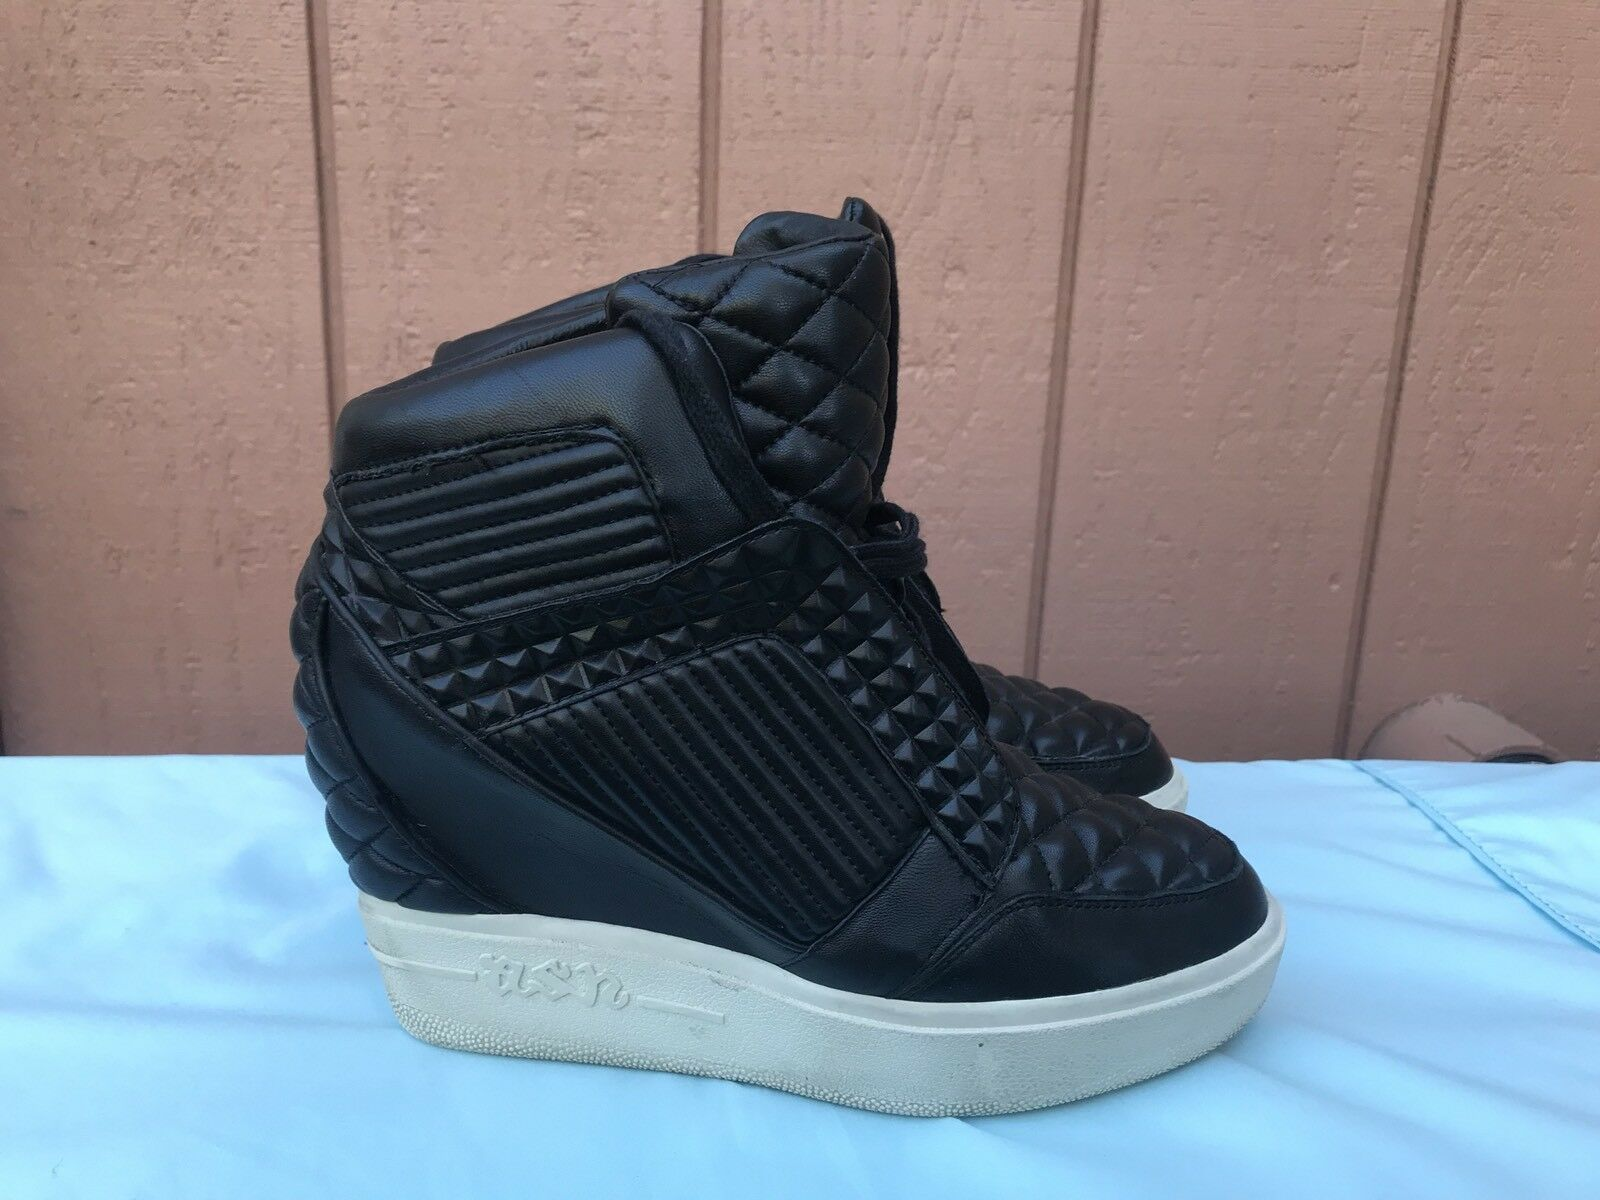 Usado en excelente estado Raro Ceniza Para Para Para Mujer EUR 40 US 9.5 - 10 Negro Zapatillas De Moda Azimut Nappa A2  marca